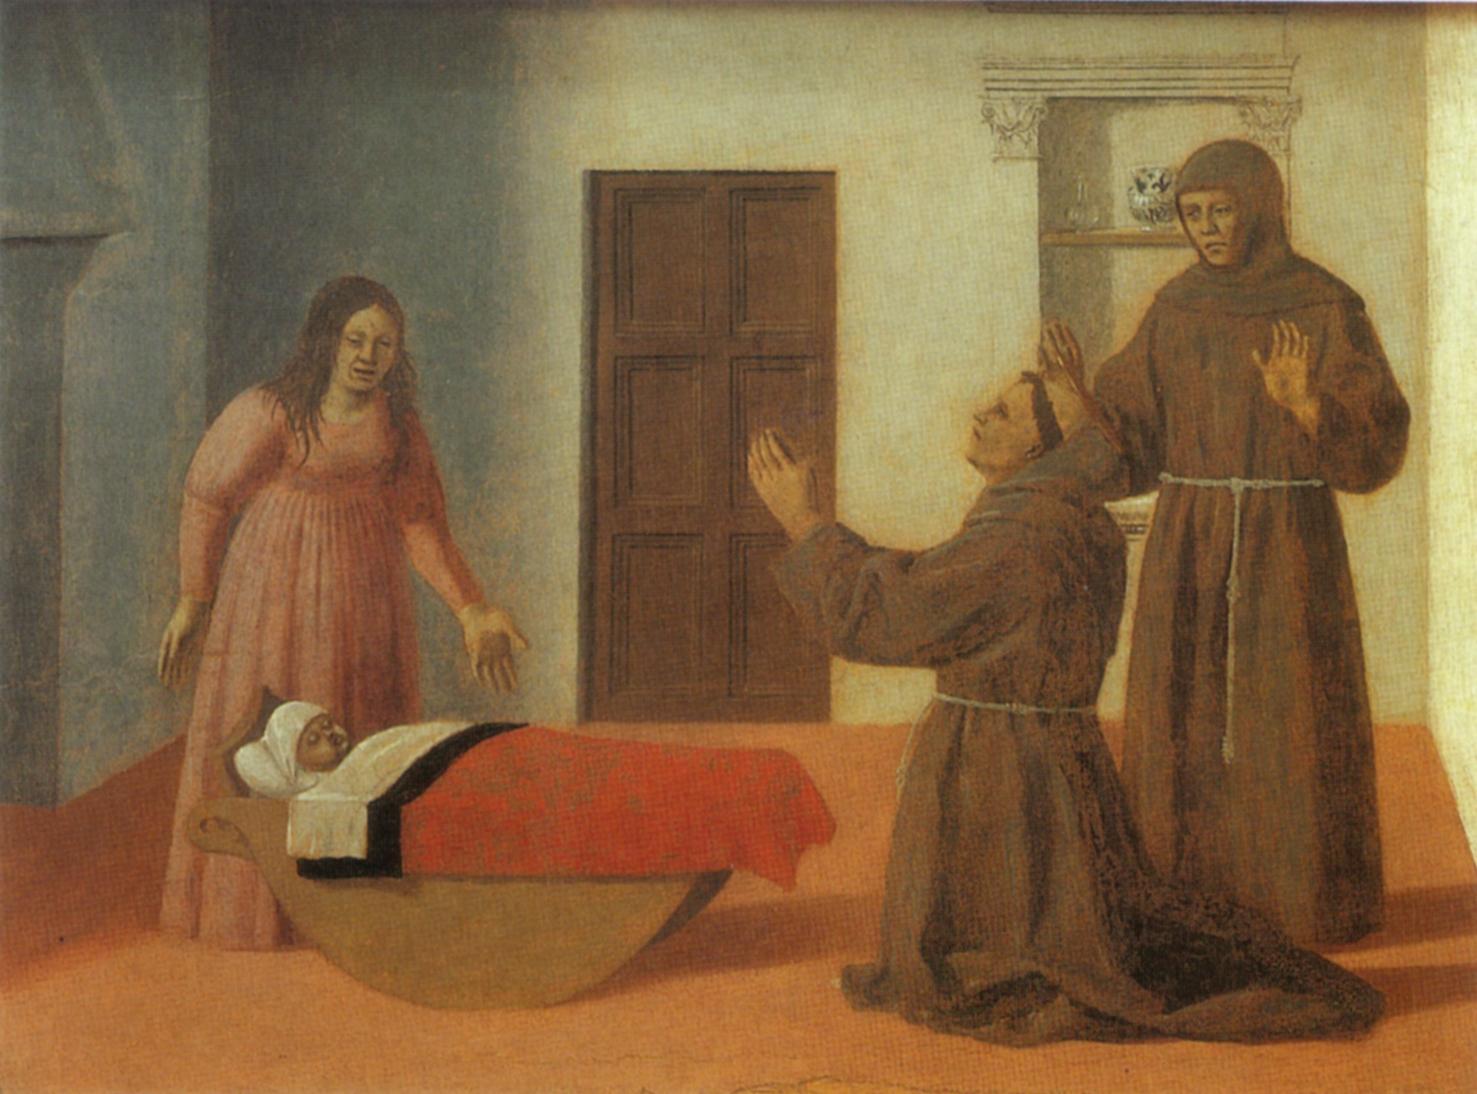 Piero della Francesca (ca 1420-92): Miracolo di Sant'Antonio da Padova (1460-1470)